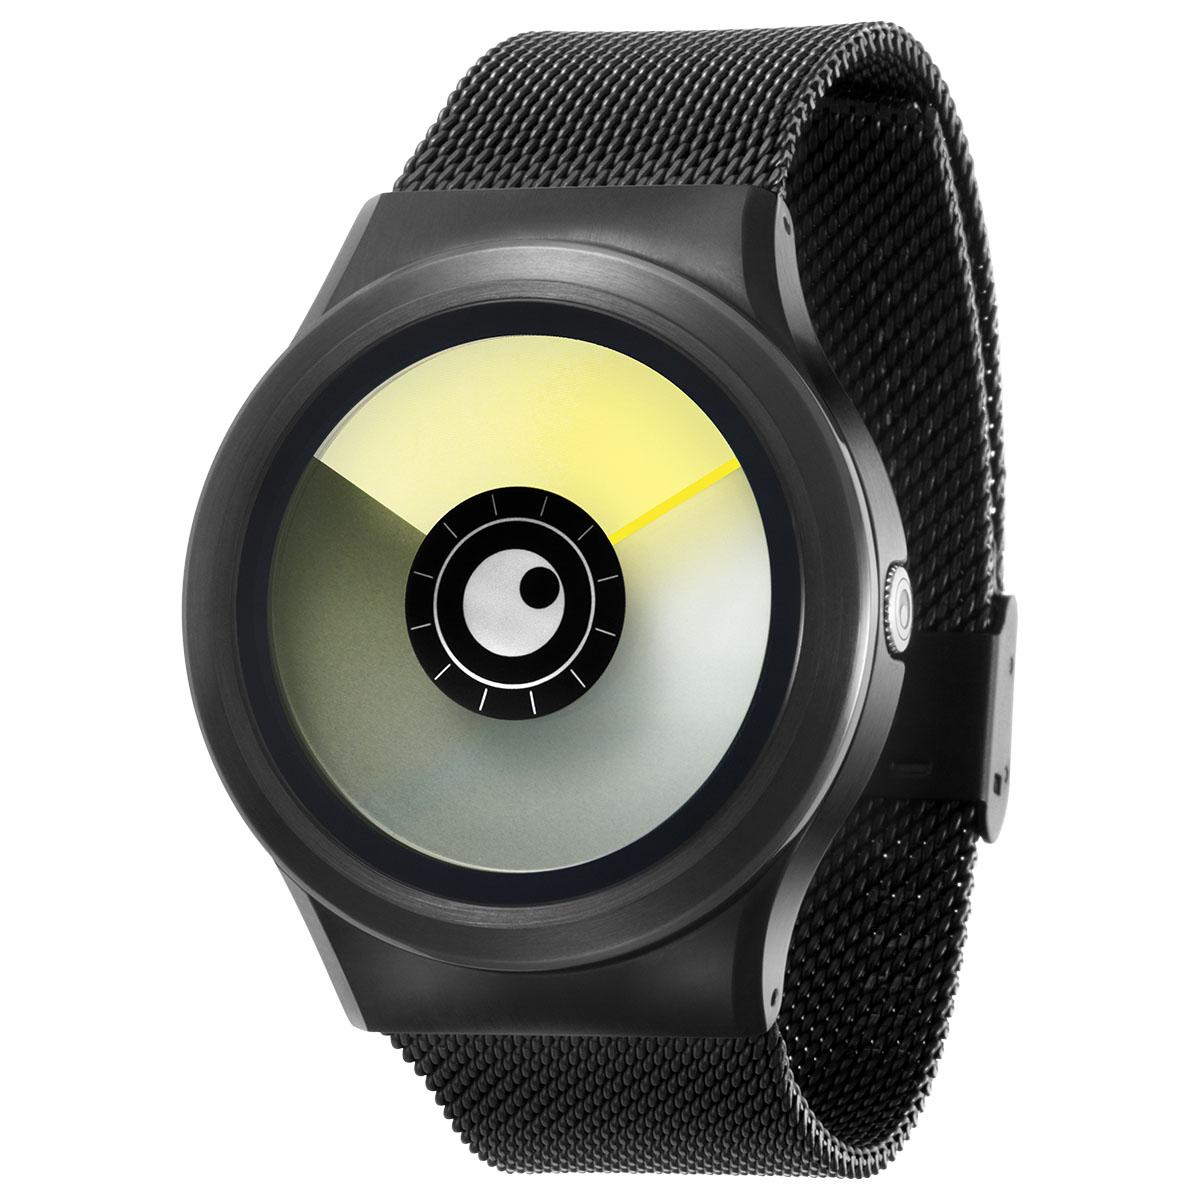 ファッションウォッチ デザインウォッチ 5ATM メーカー保障12ヶ月 ベルト調整用工具 LOGO入りクロス 取扱説明書 ZIIIROとは関係ありません ZEROOTIME ゼロタイム ZEROO AURORA 電池式クォーツ イエロー ペア用 海外限定 ユニセックス 腕時計 デザイナーズ ゼロ レディース 国際ブランド BOREALIS おしゃれ時計 W12021B03SM03 メンズ